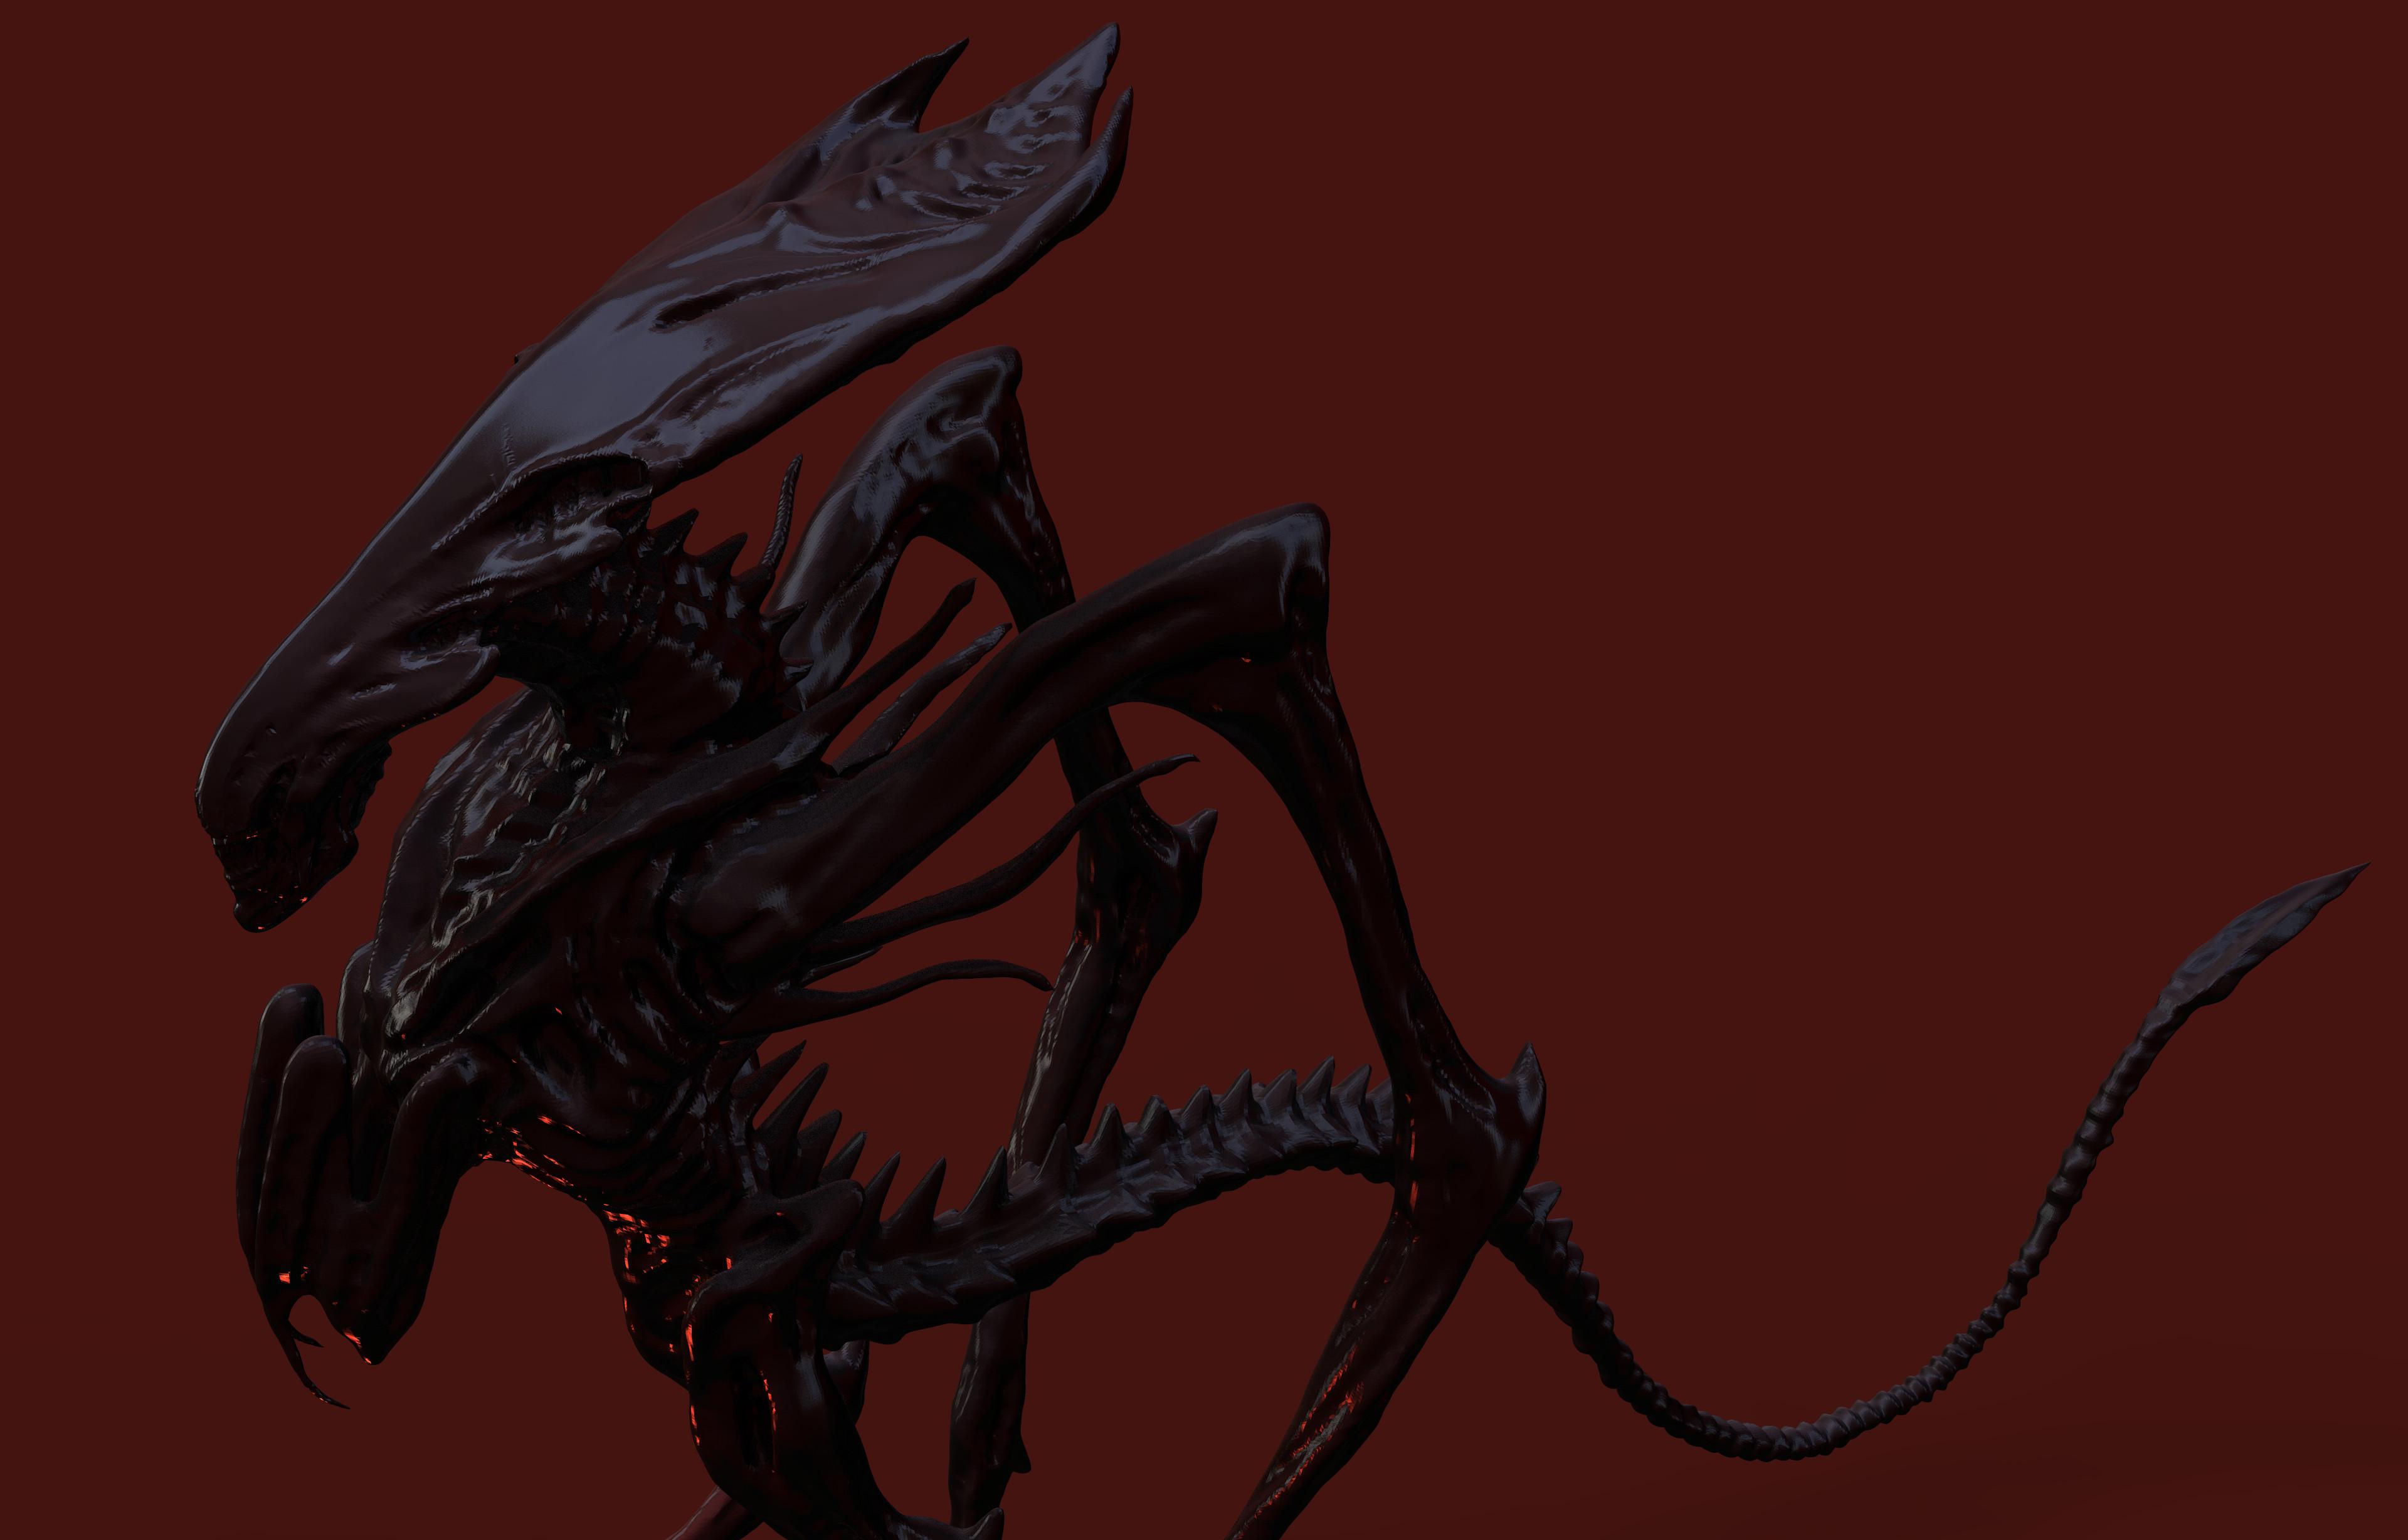 AvP Alien Queen early design sketch 2001 updated to 3D